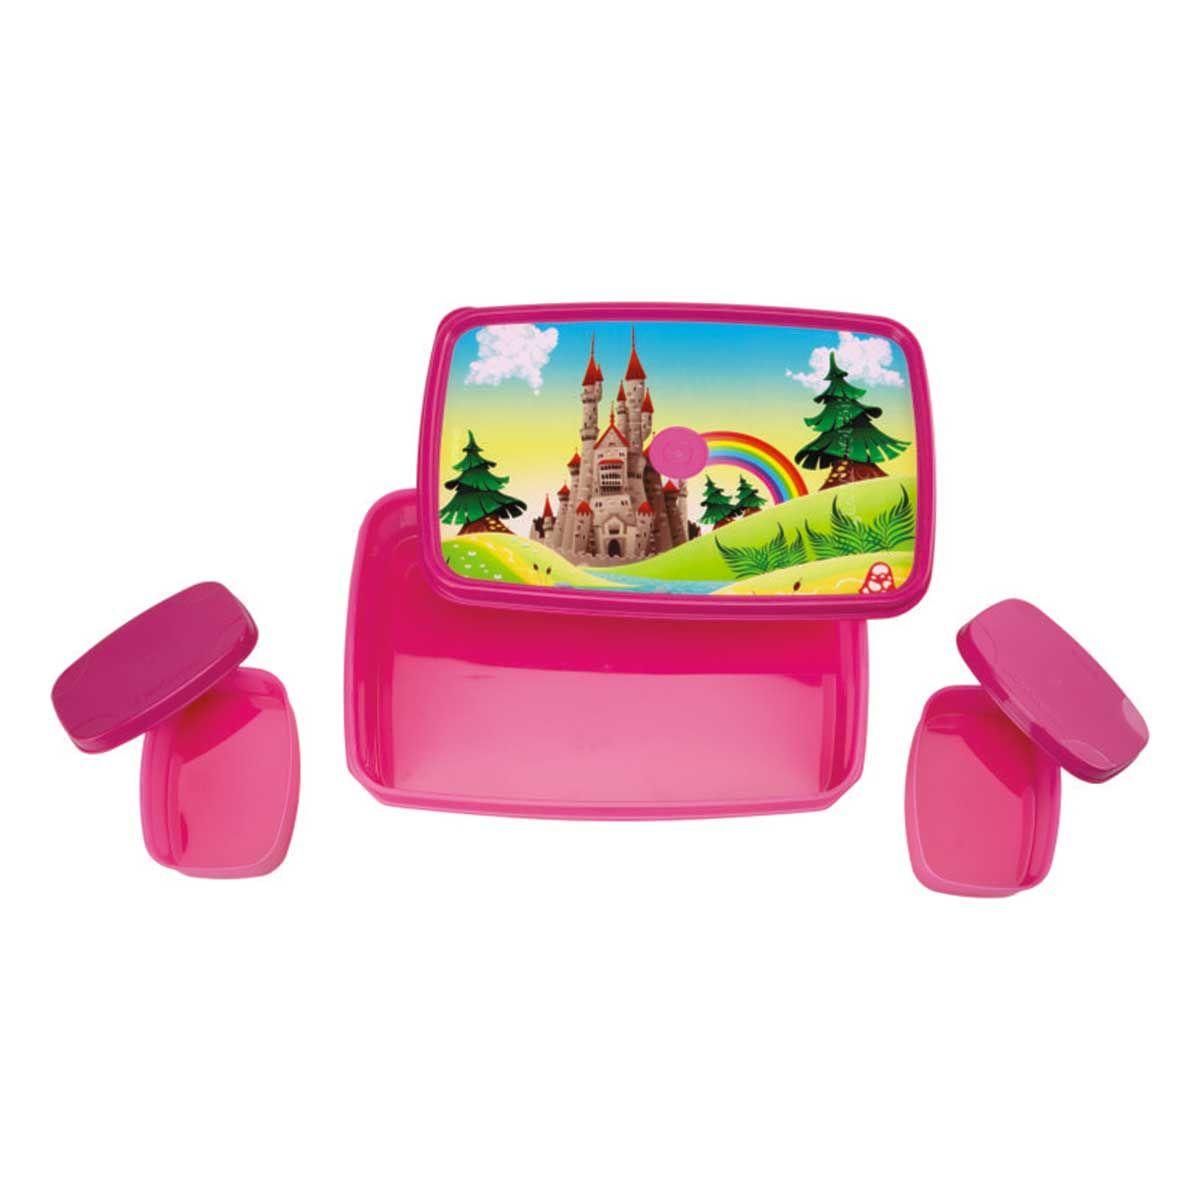 Signoraware P36514 Castle-Compact Lunch Box (Big) (850ml+100ml+100ml)